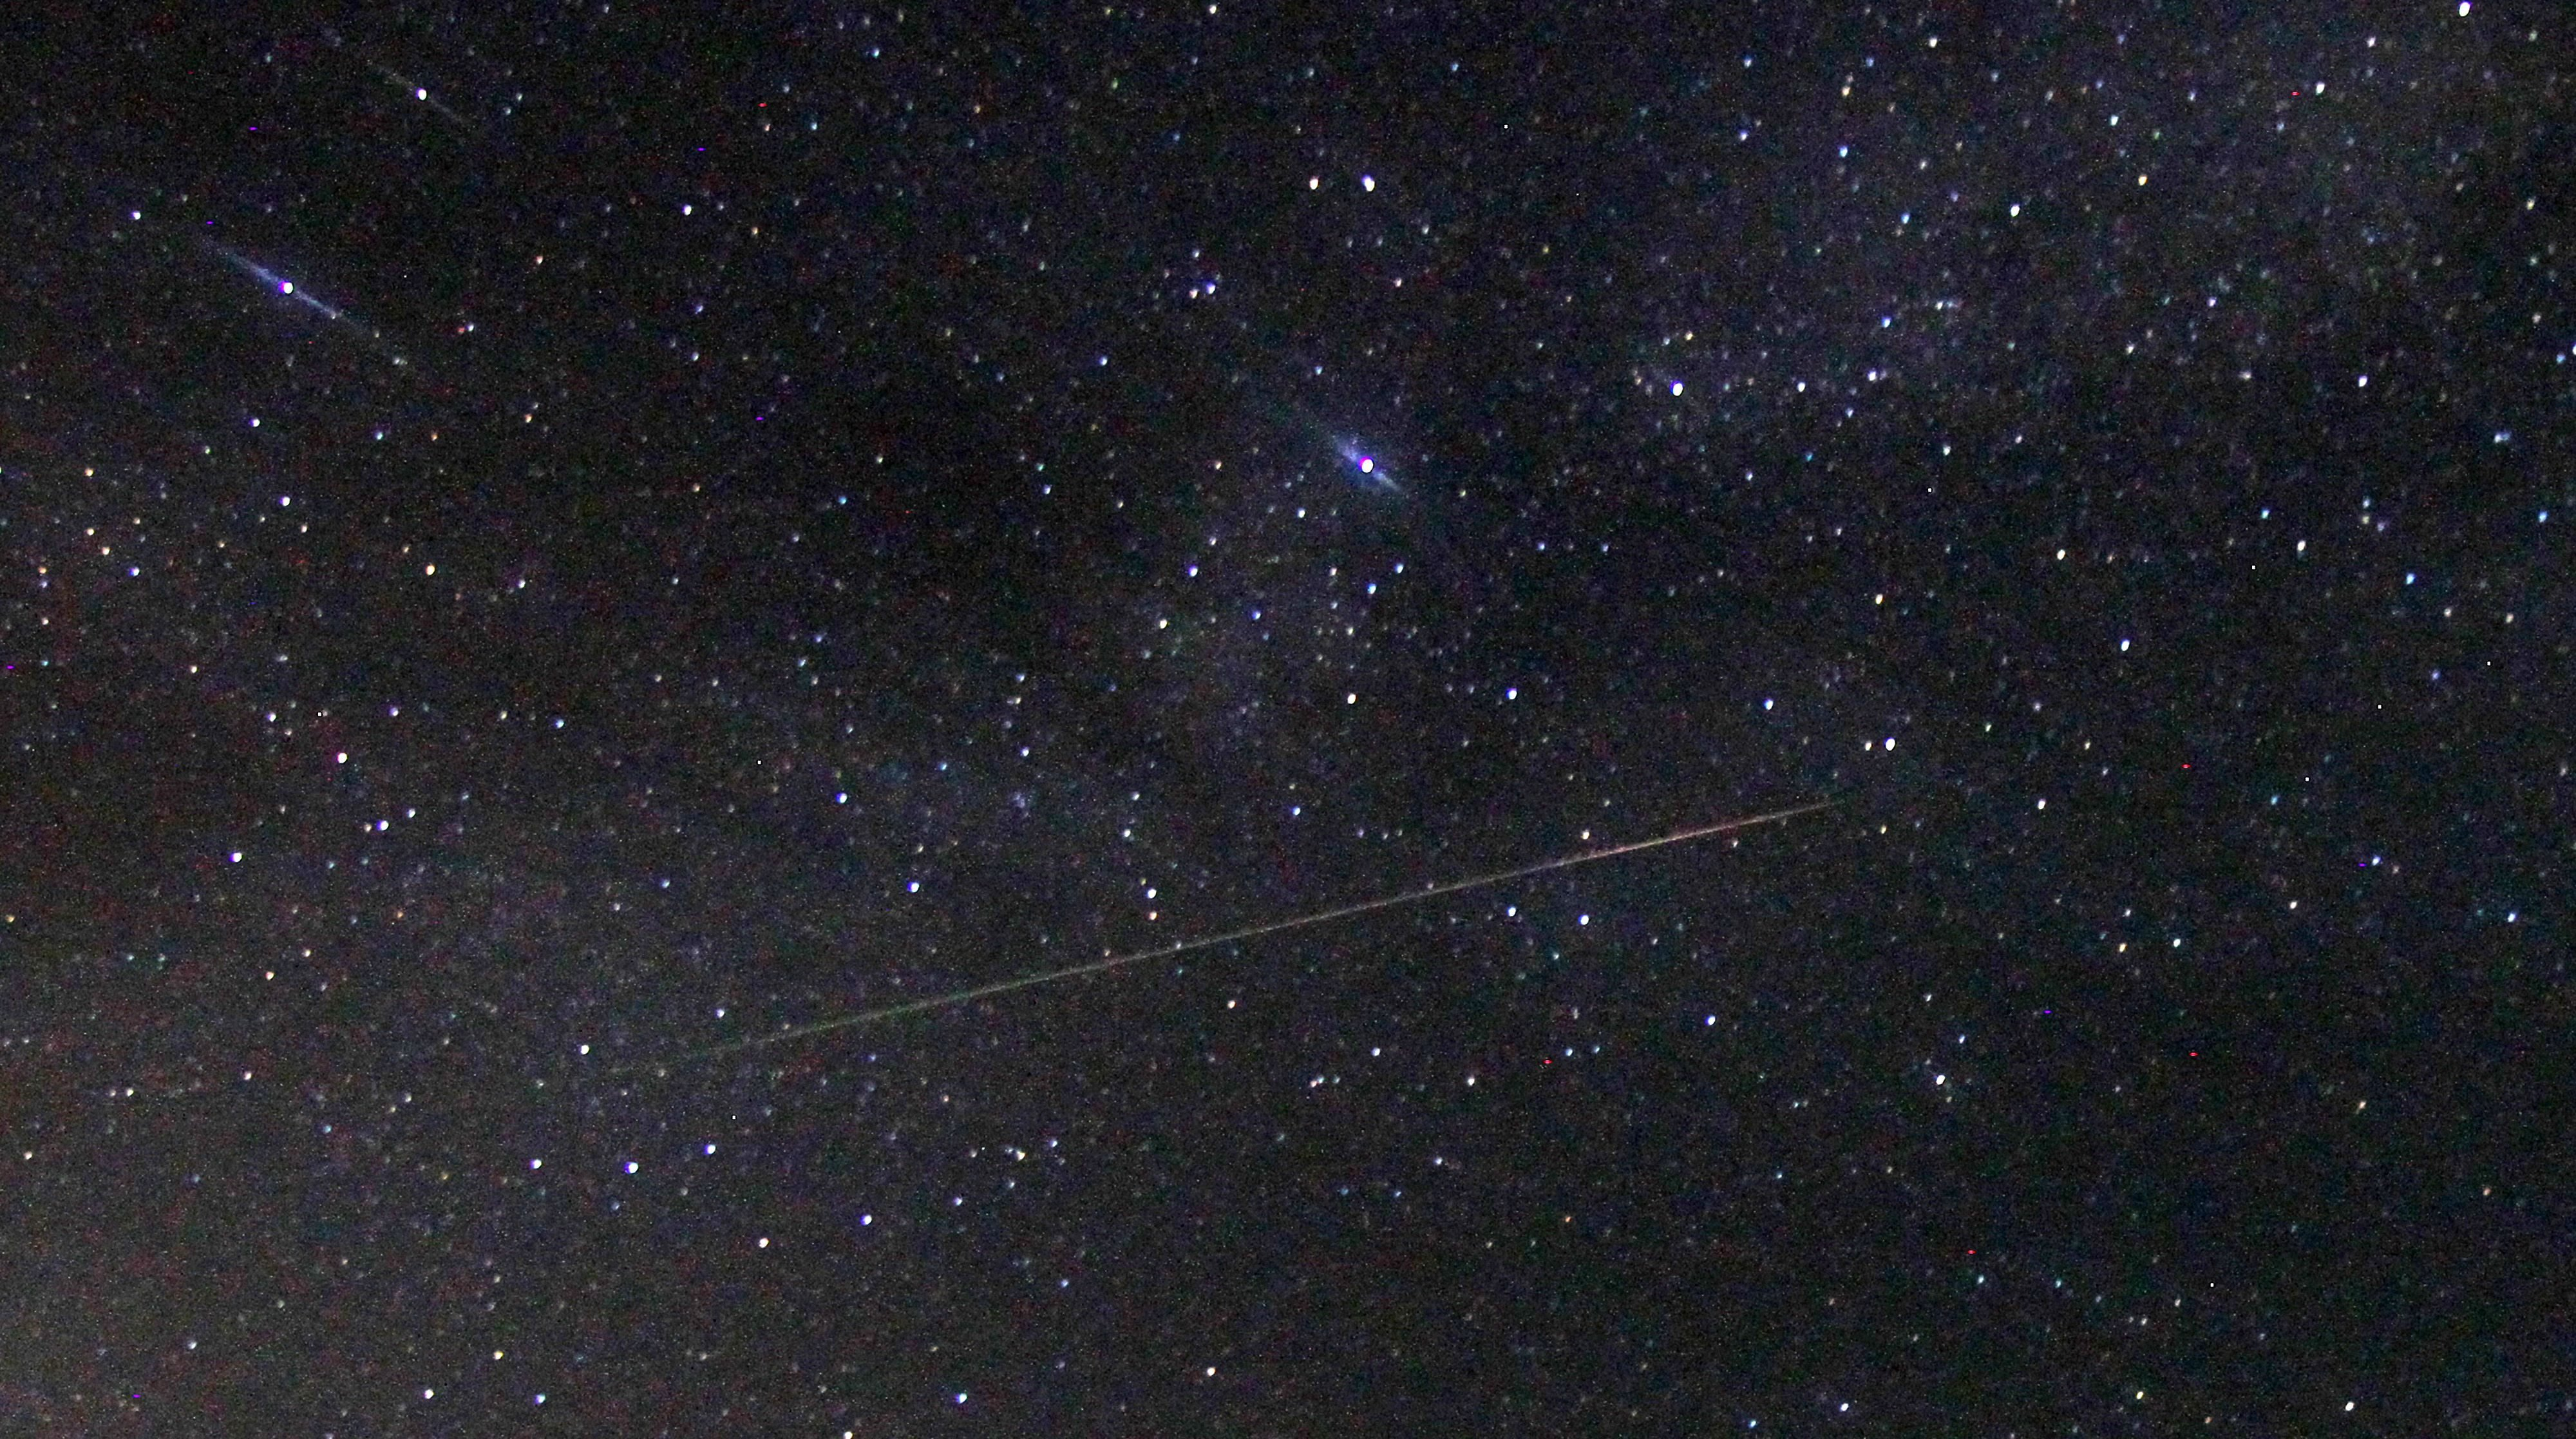 Perseid meteor crosses the sky